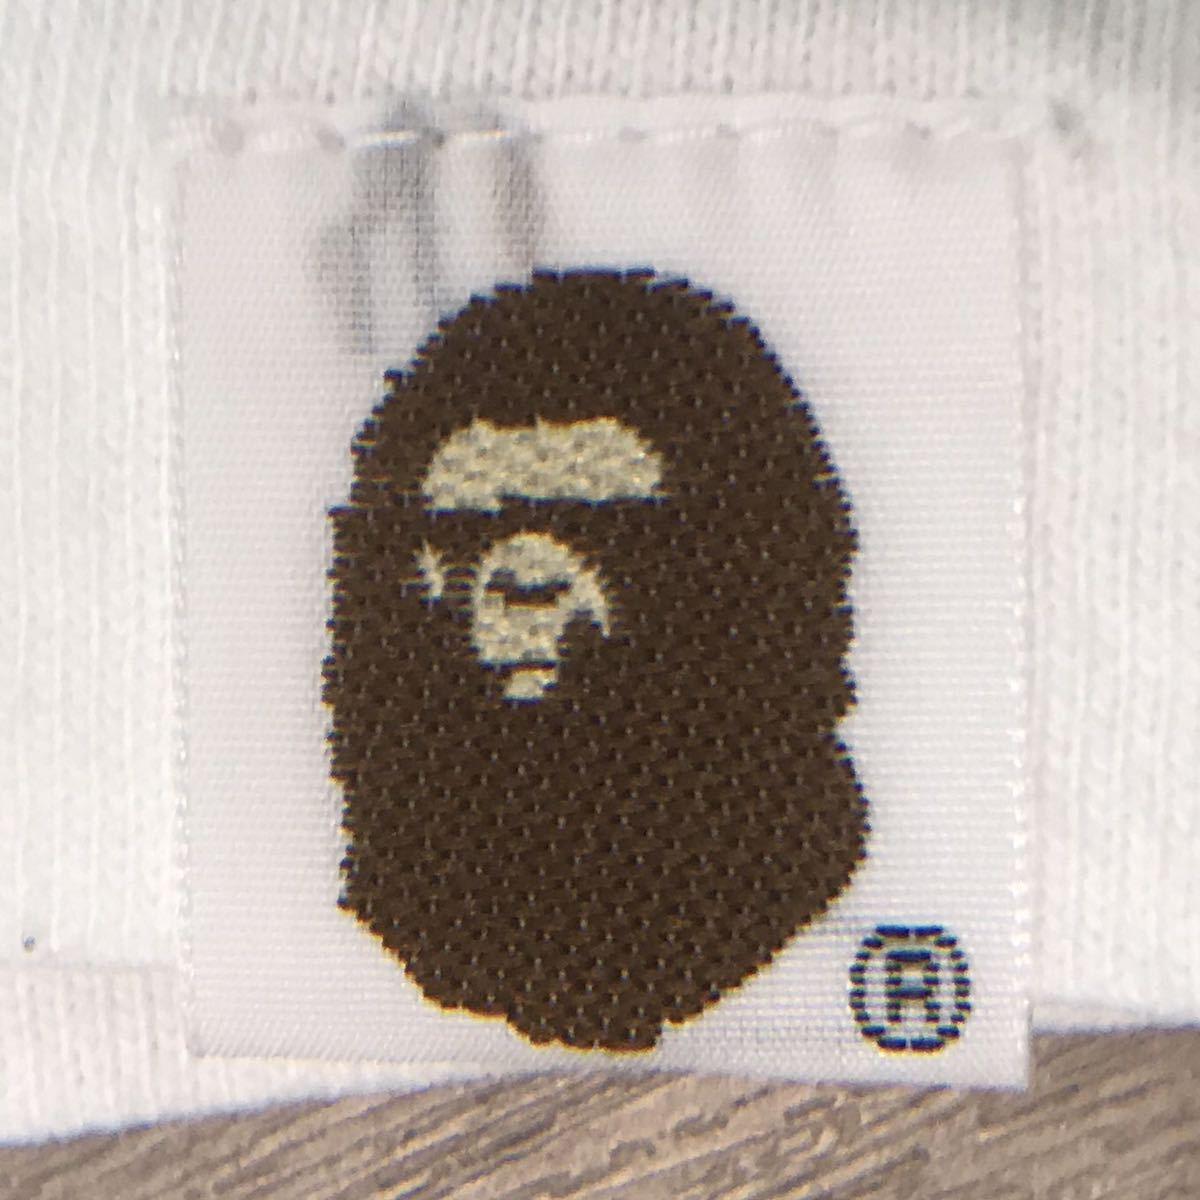 ★激レア★ kaws × bape cloud camo big head Tシャツ Lサイズ a bathing ape カウズ エイプ ベイプ アベイシングエイプ 迷彩 nigo 3252_画像8